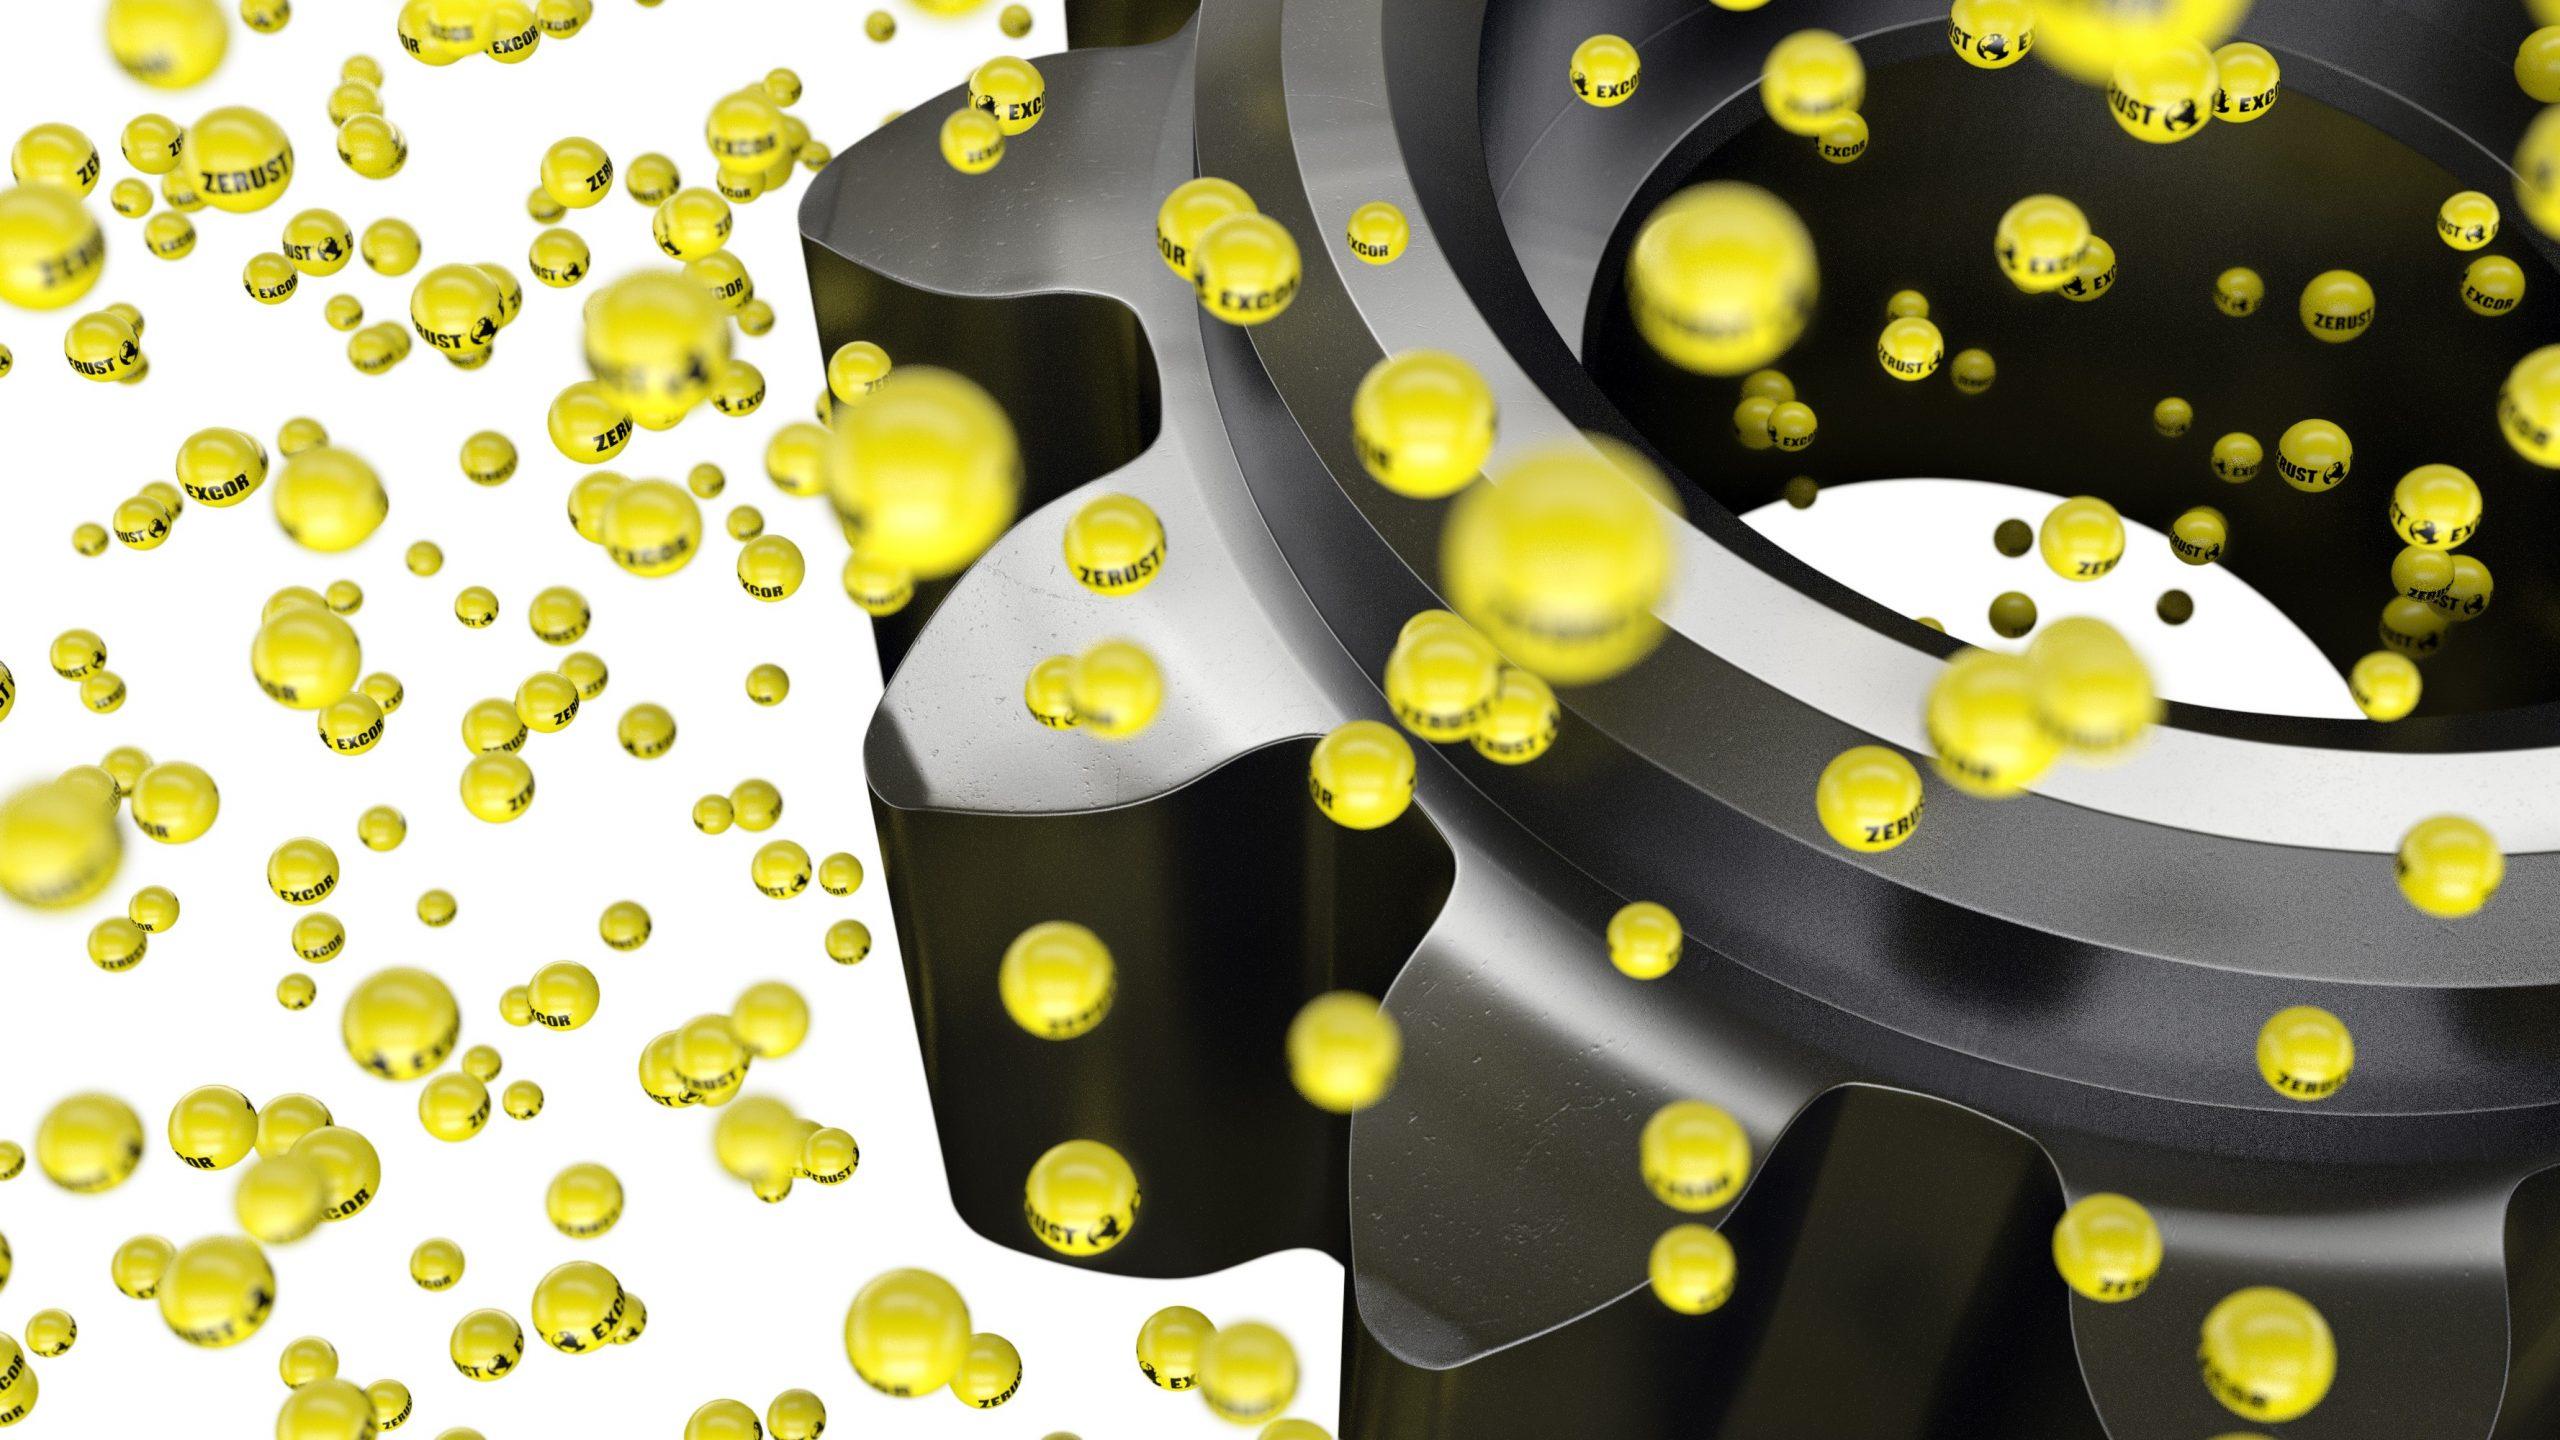 Apa itu VCI atau Volatile Corrosion Inhibitor Feature